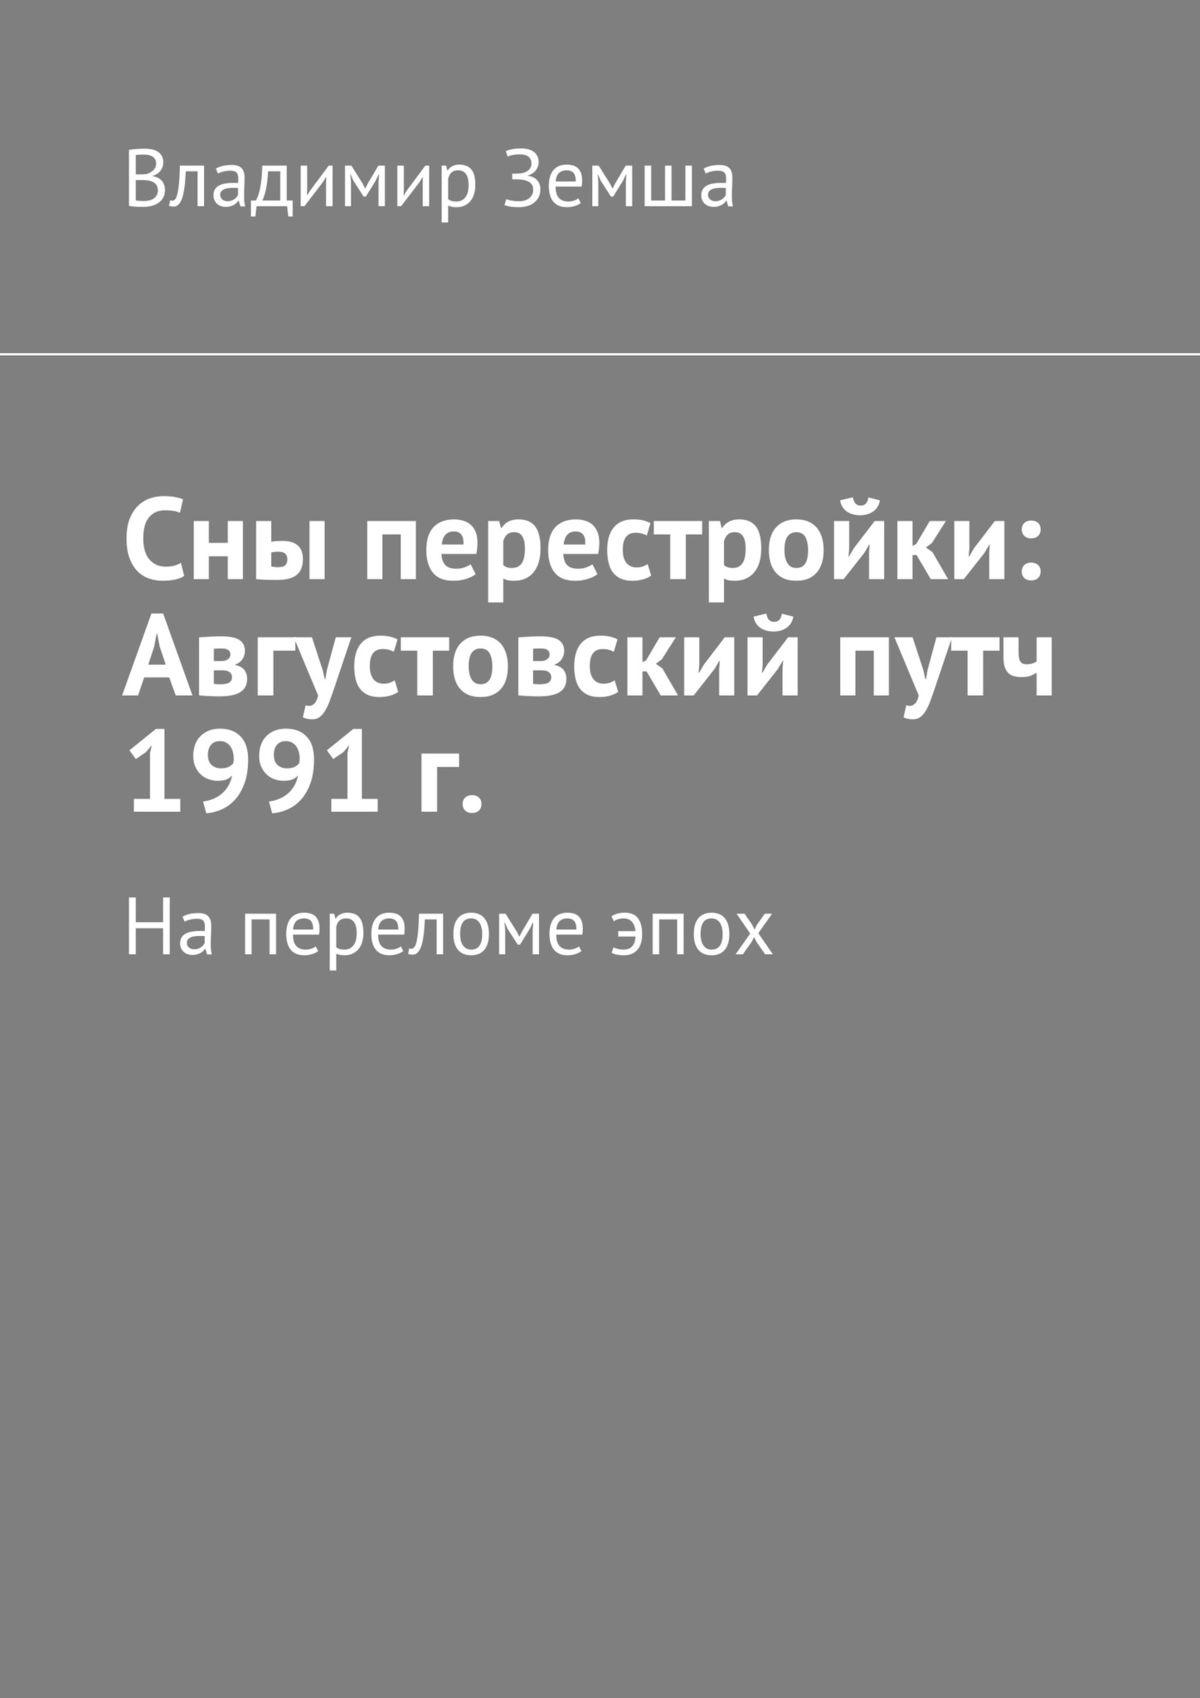 Сны перестройки: Августовский путч 1991 г.